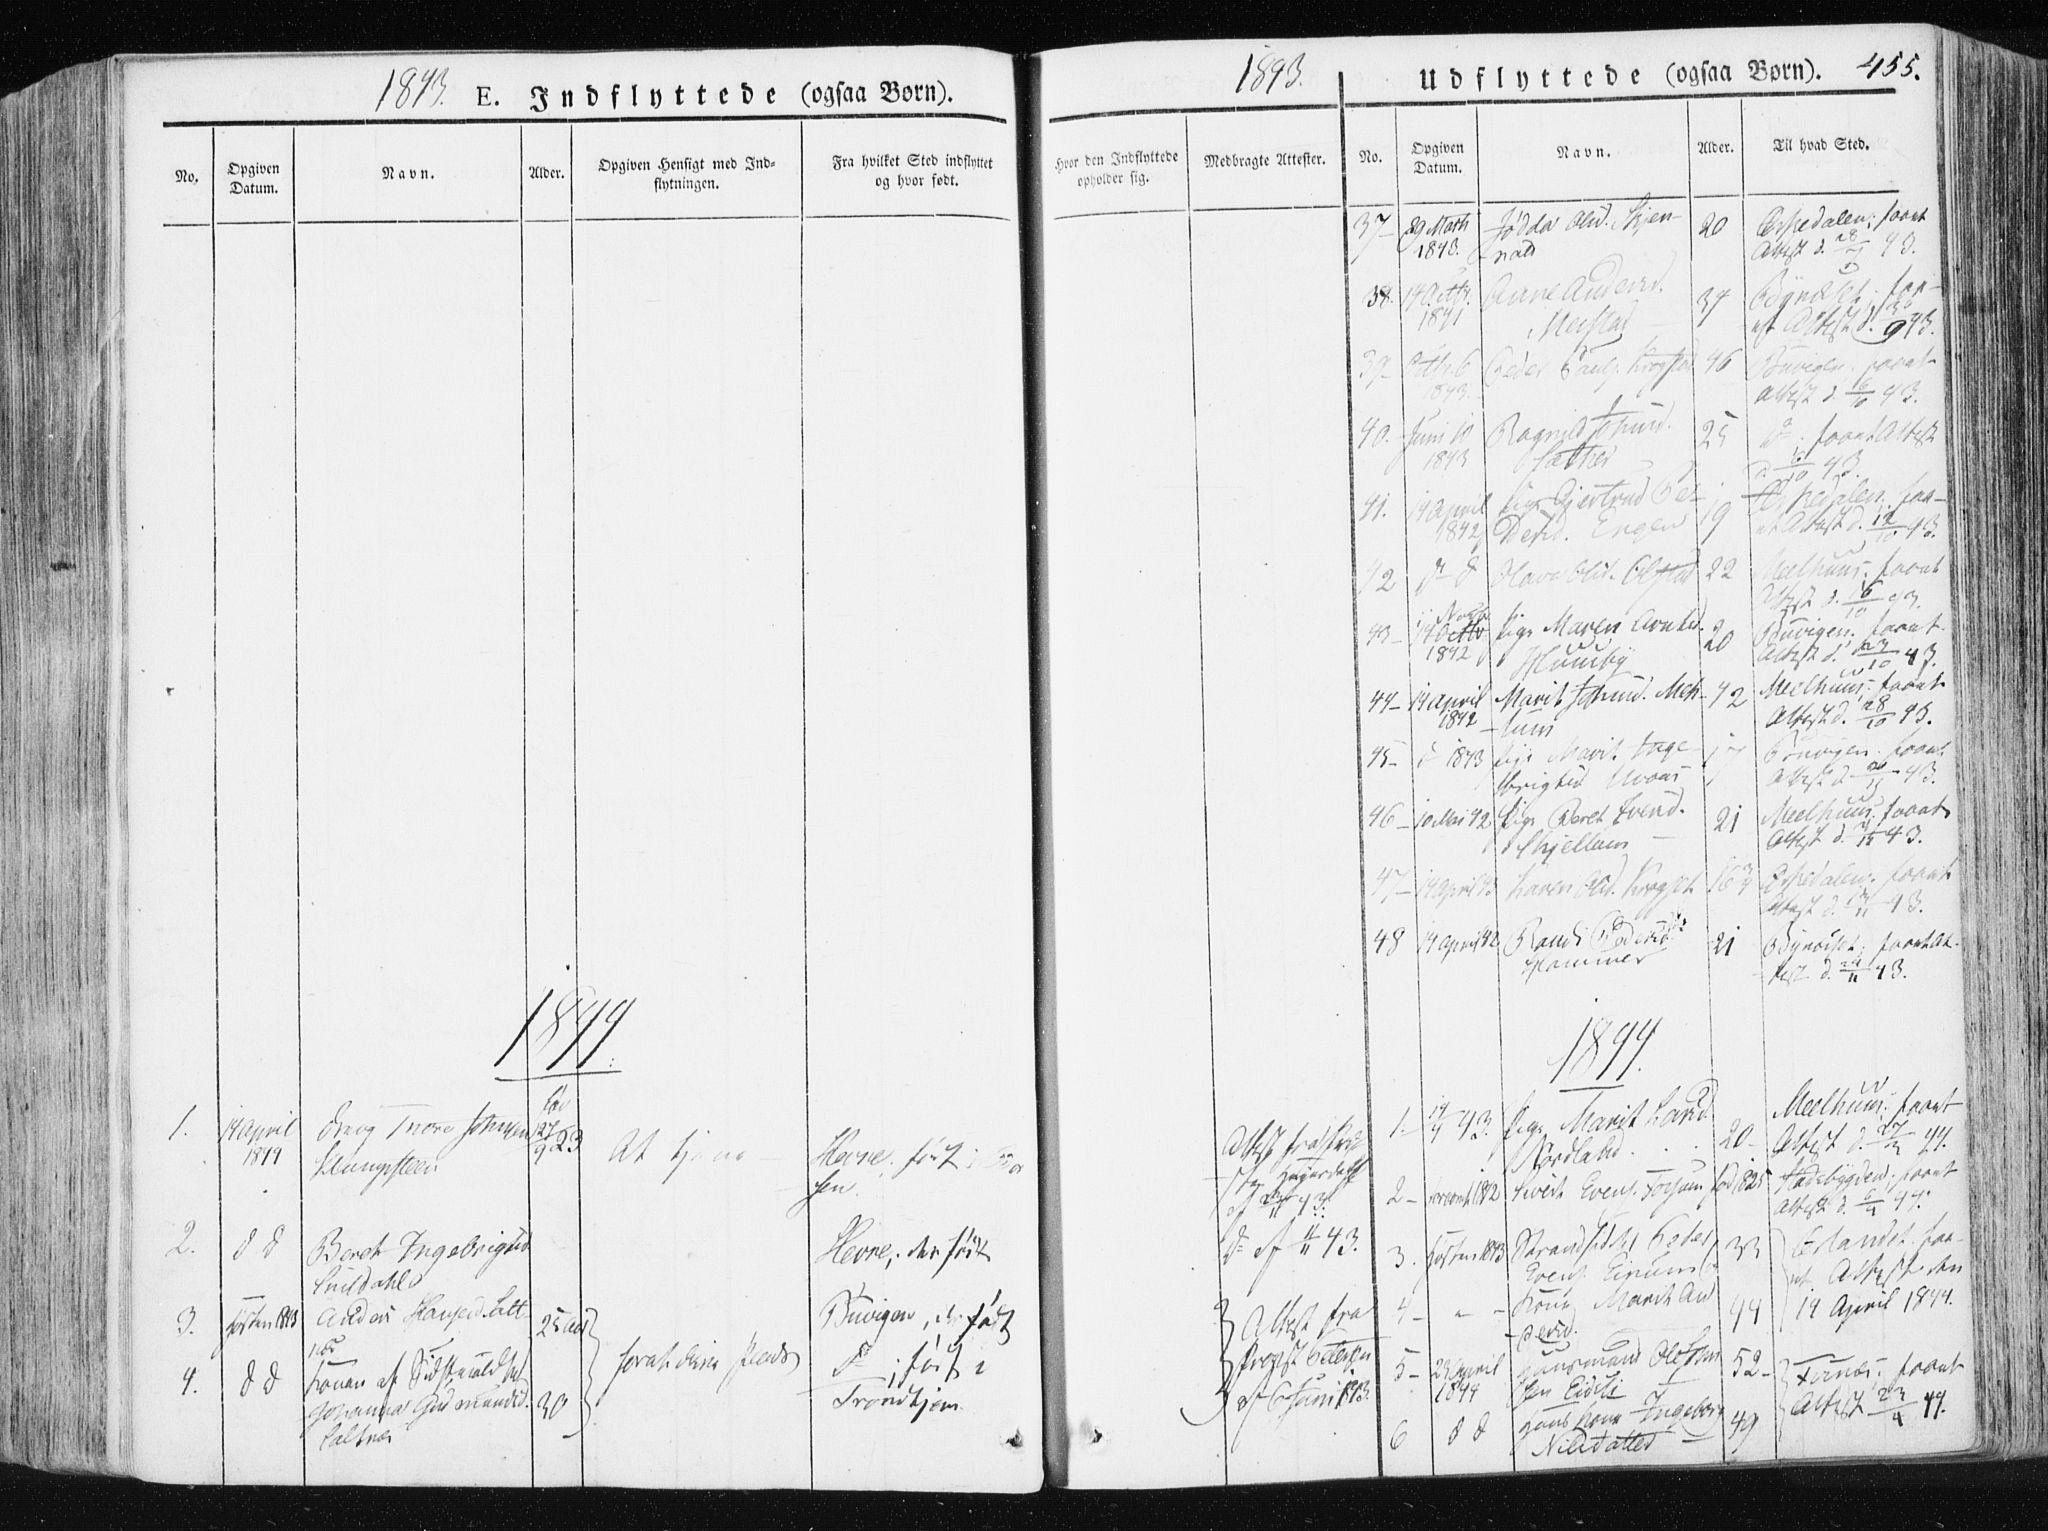 SAT, Ministerialprotokoller, klokkerbøker og fødselsregistre - Sør-Trøndelag, 665/L0771: Ministerialbok nr. 665A06, 1830-1856, s. 455